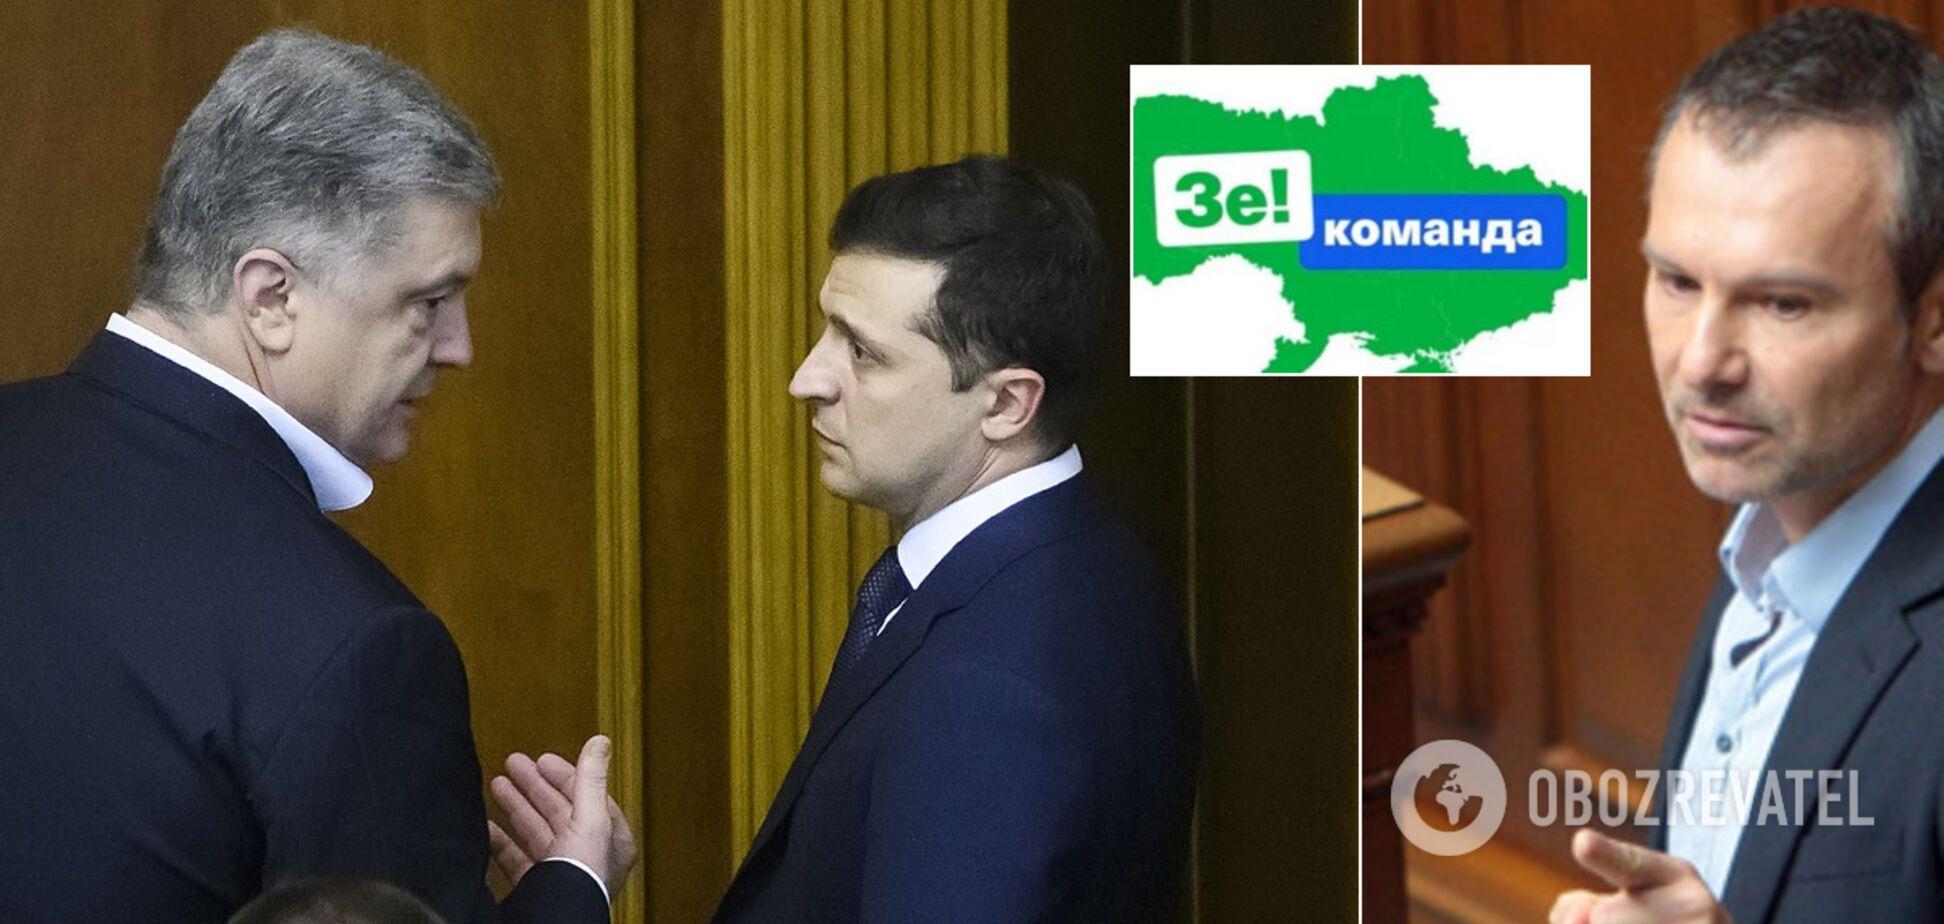 Кризис в 'Слуге народа': как Зеленский подружился с 'ЕС' и 'Голосом', чтобы принять законы для МВФ